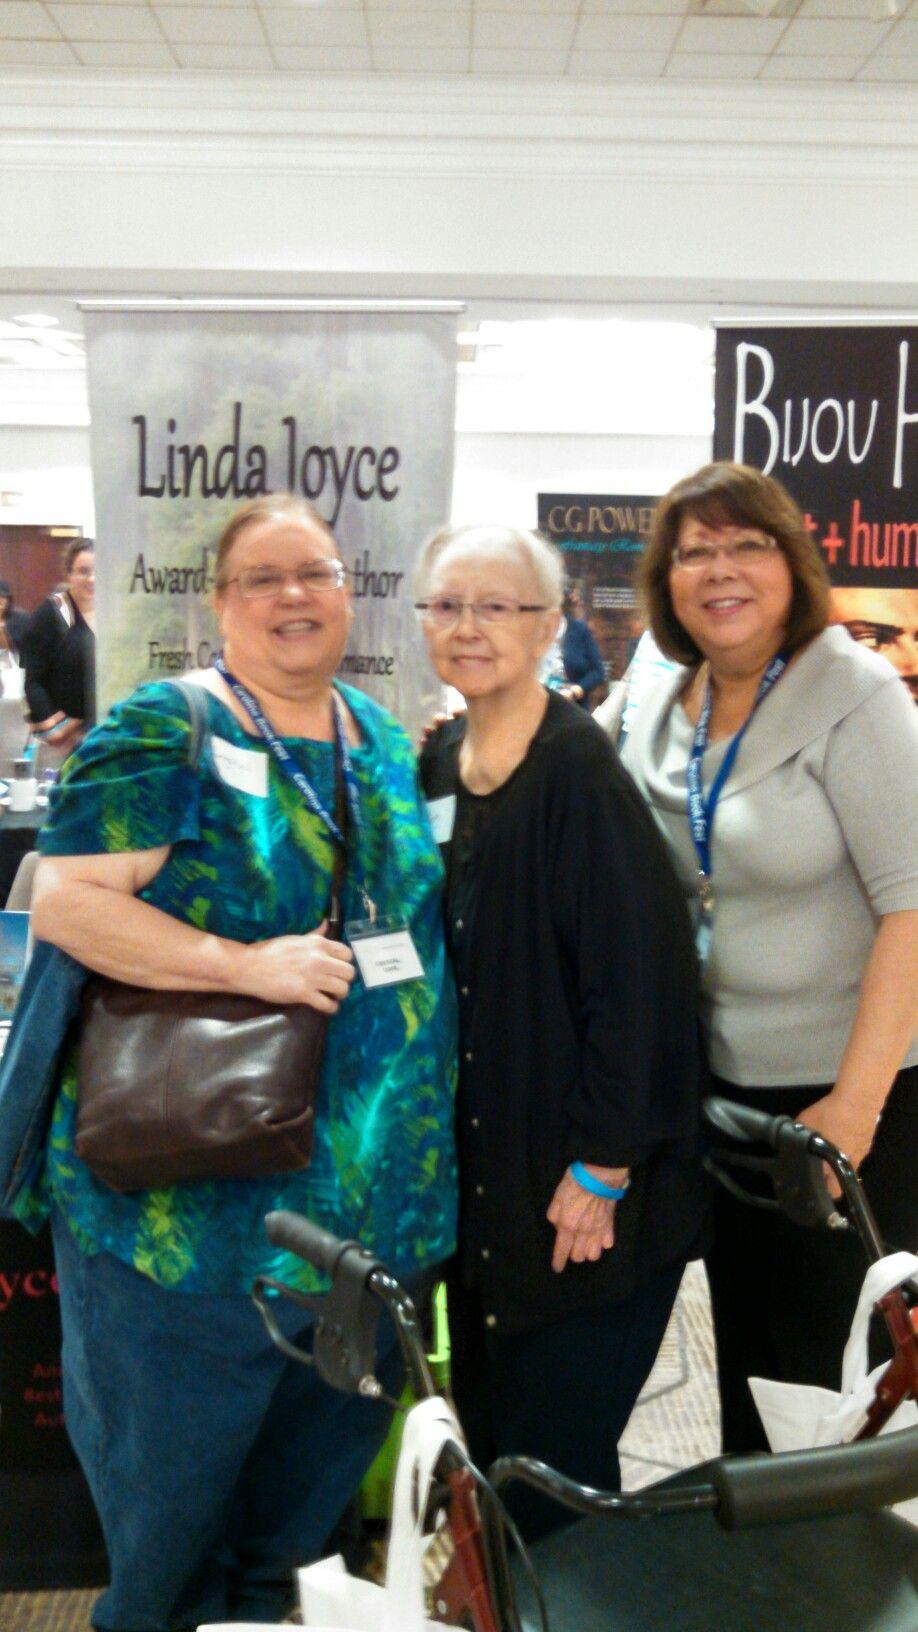 Linda Joyce, Crystal & Betty at North Carolina Book Festival 2016